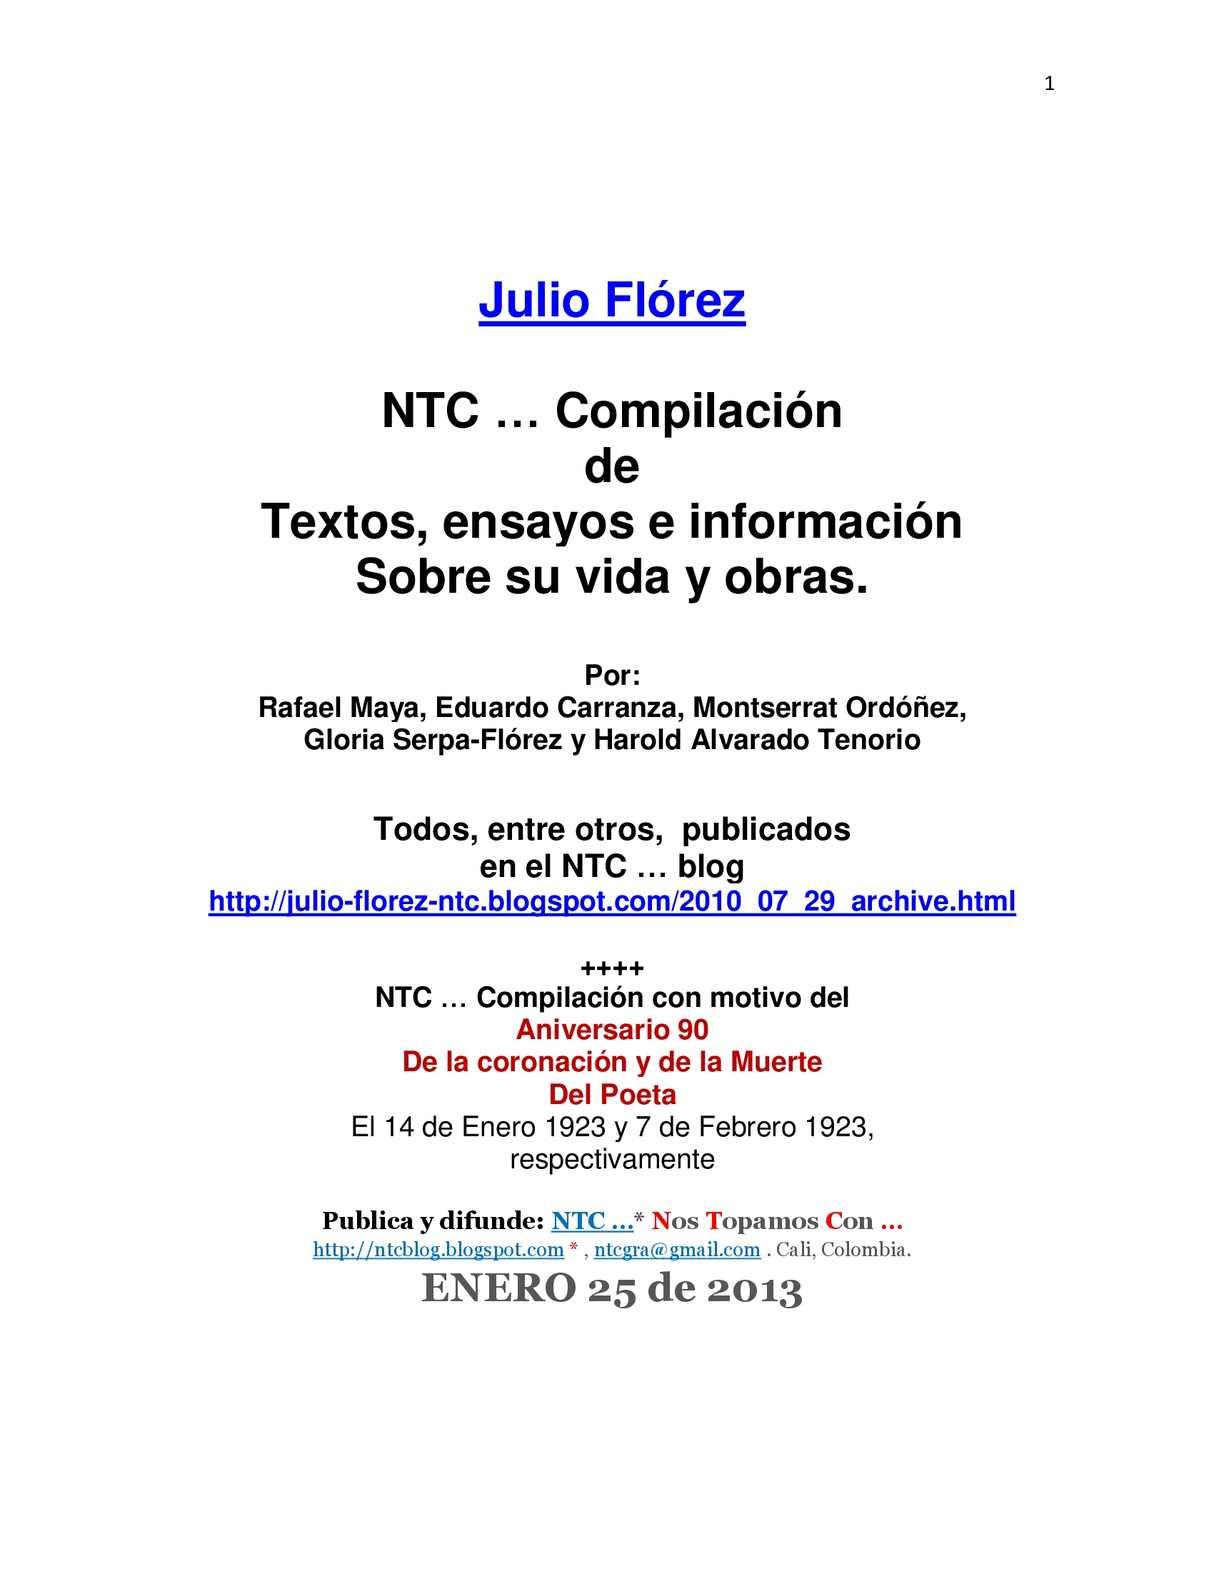 Calaméo - Julio Flórez. NTC compilación de textos sobre él.